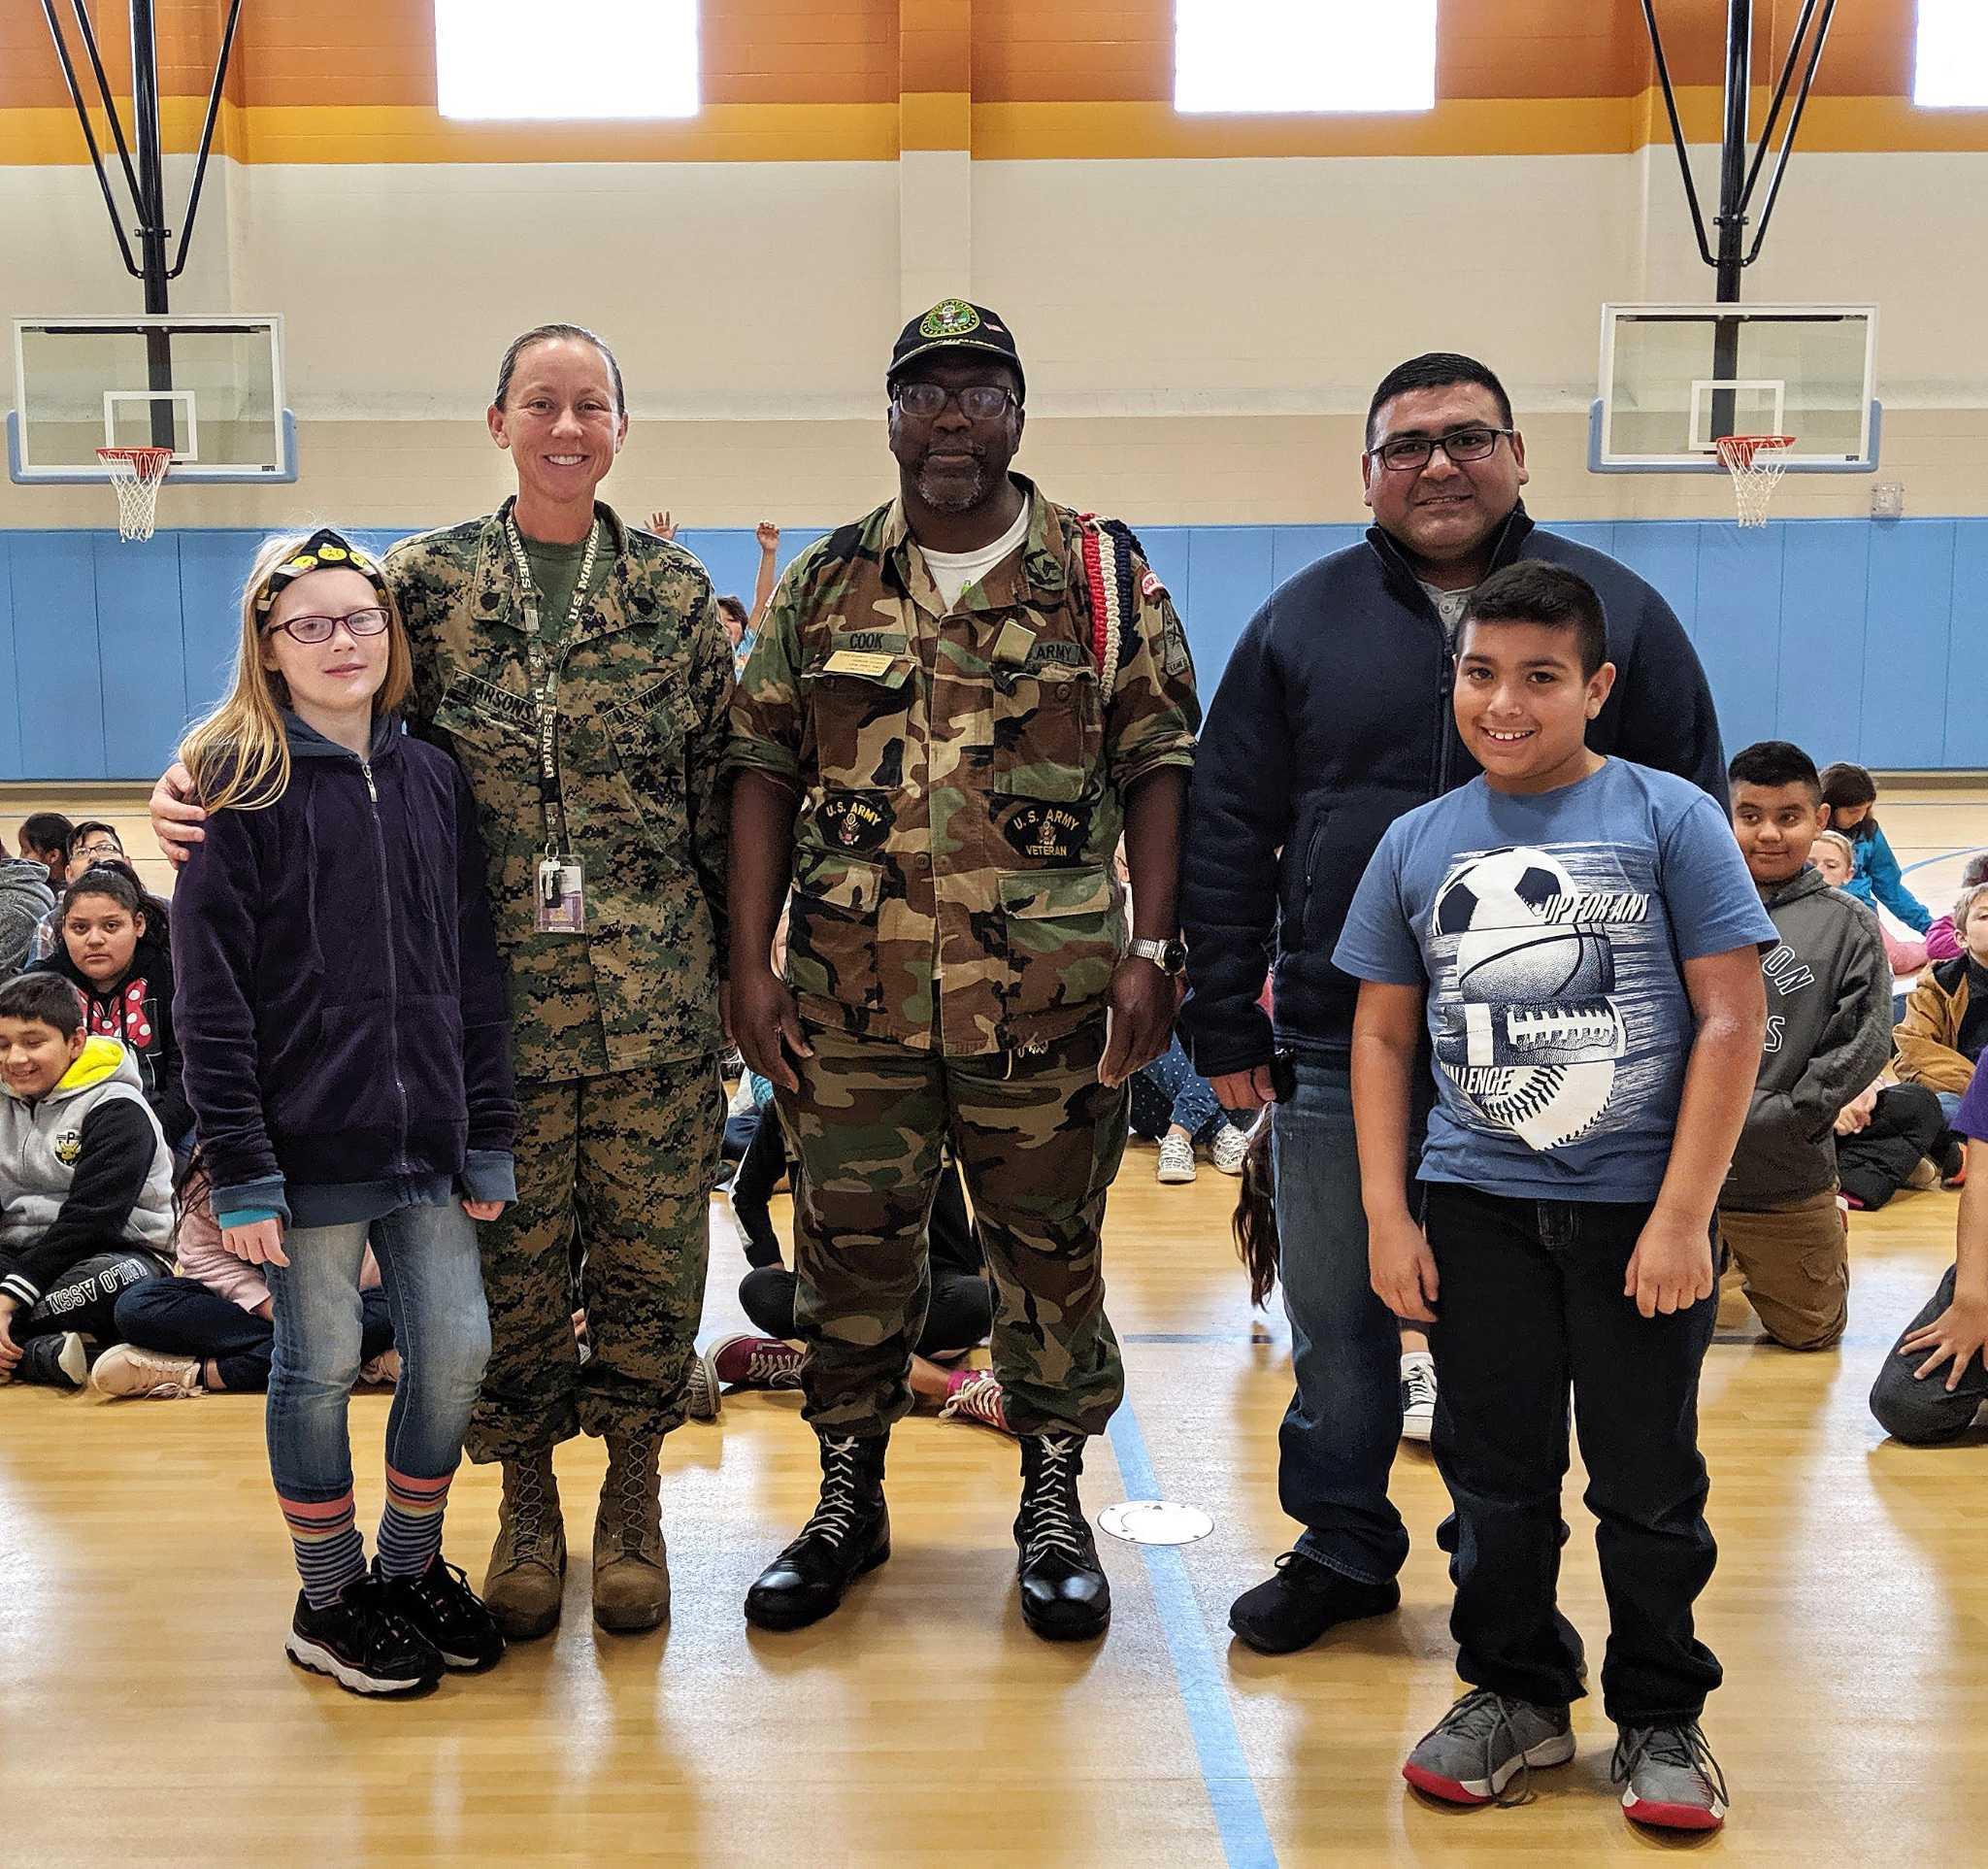 SFA elementary students celebrate Military Week